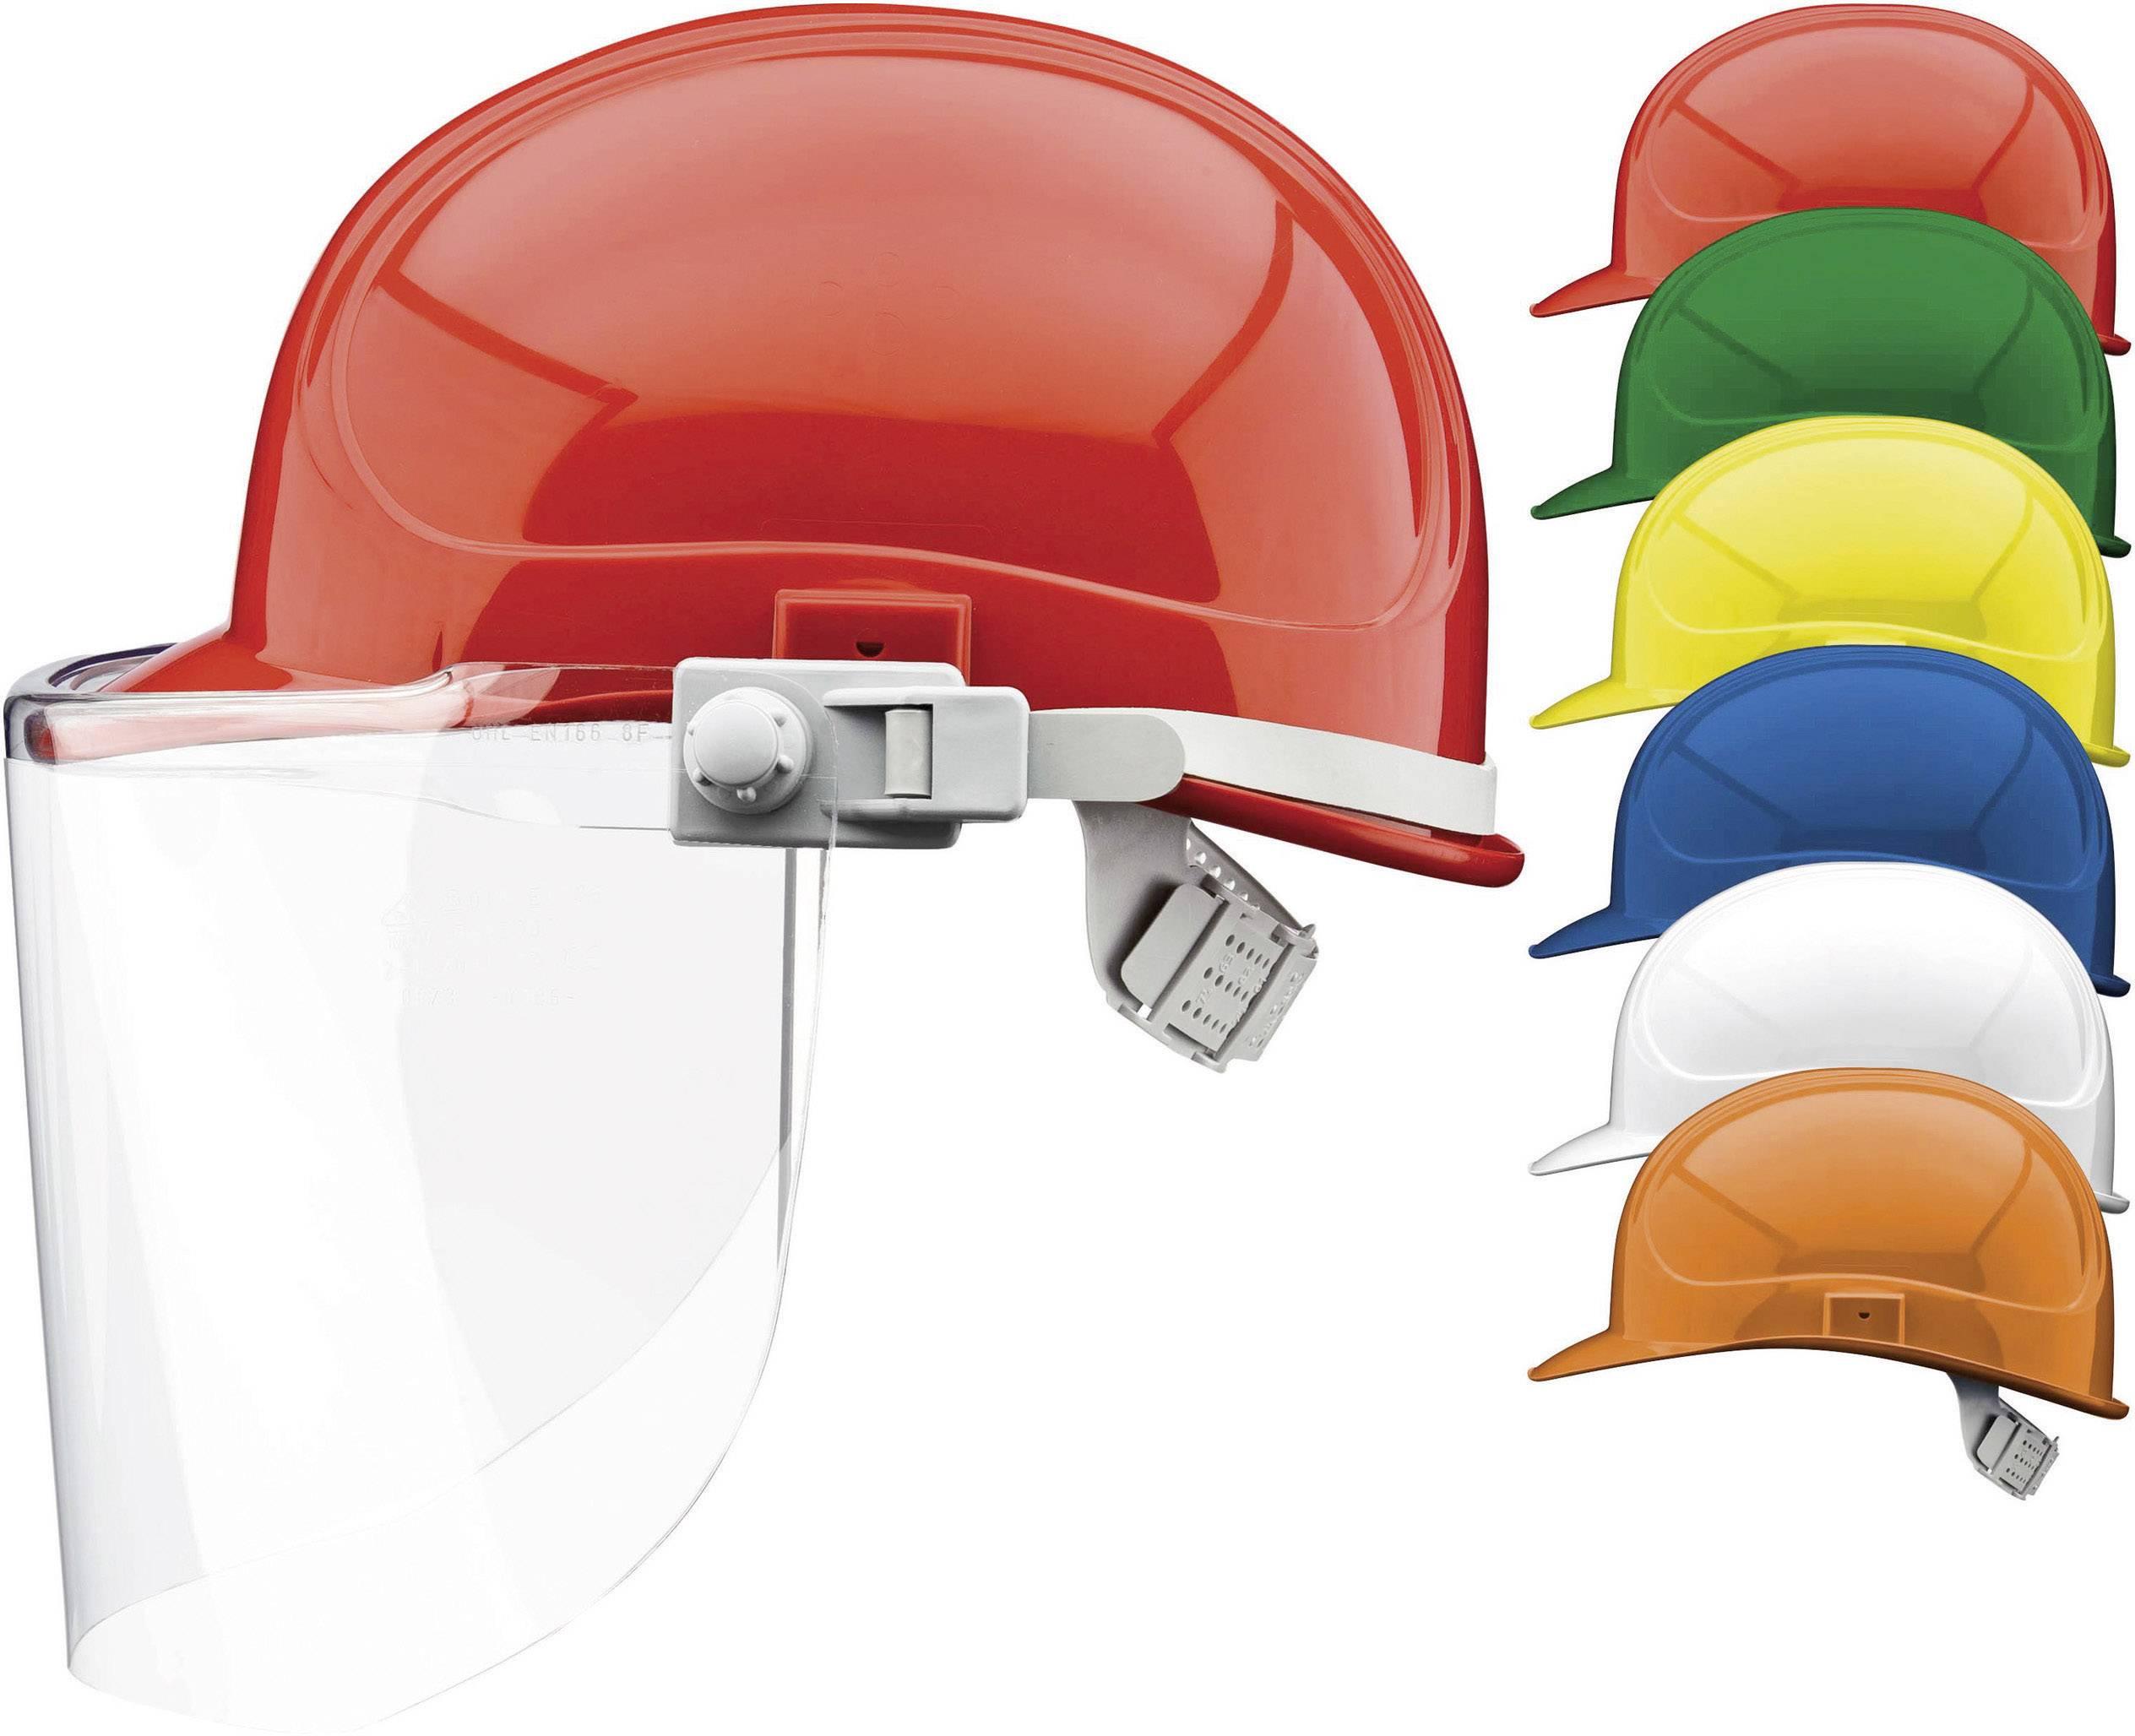 Ochranná PE prilba Voss Helme pre elektrikárov, 6-bodová, oranžová